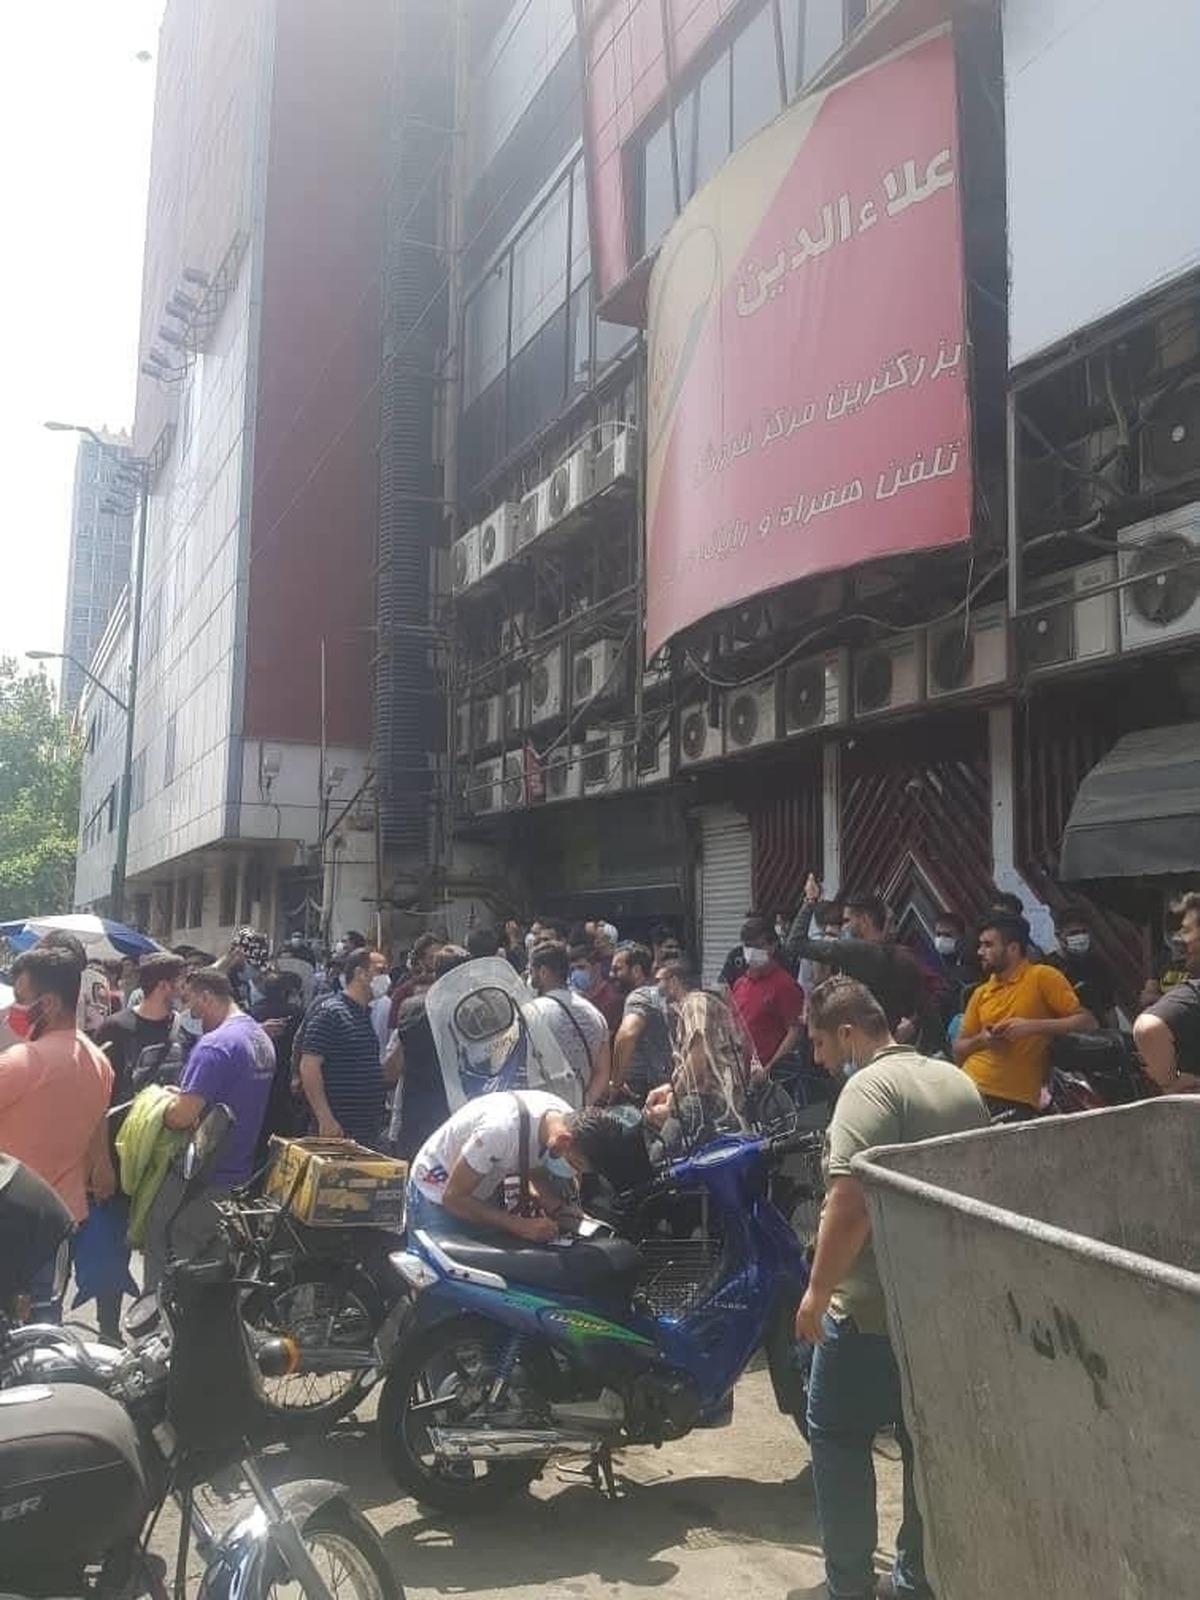 حضور پرتعداد دلالان و فروشندگان تلفن همراه تقلبی در مقابل علاالدین